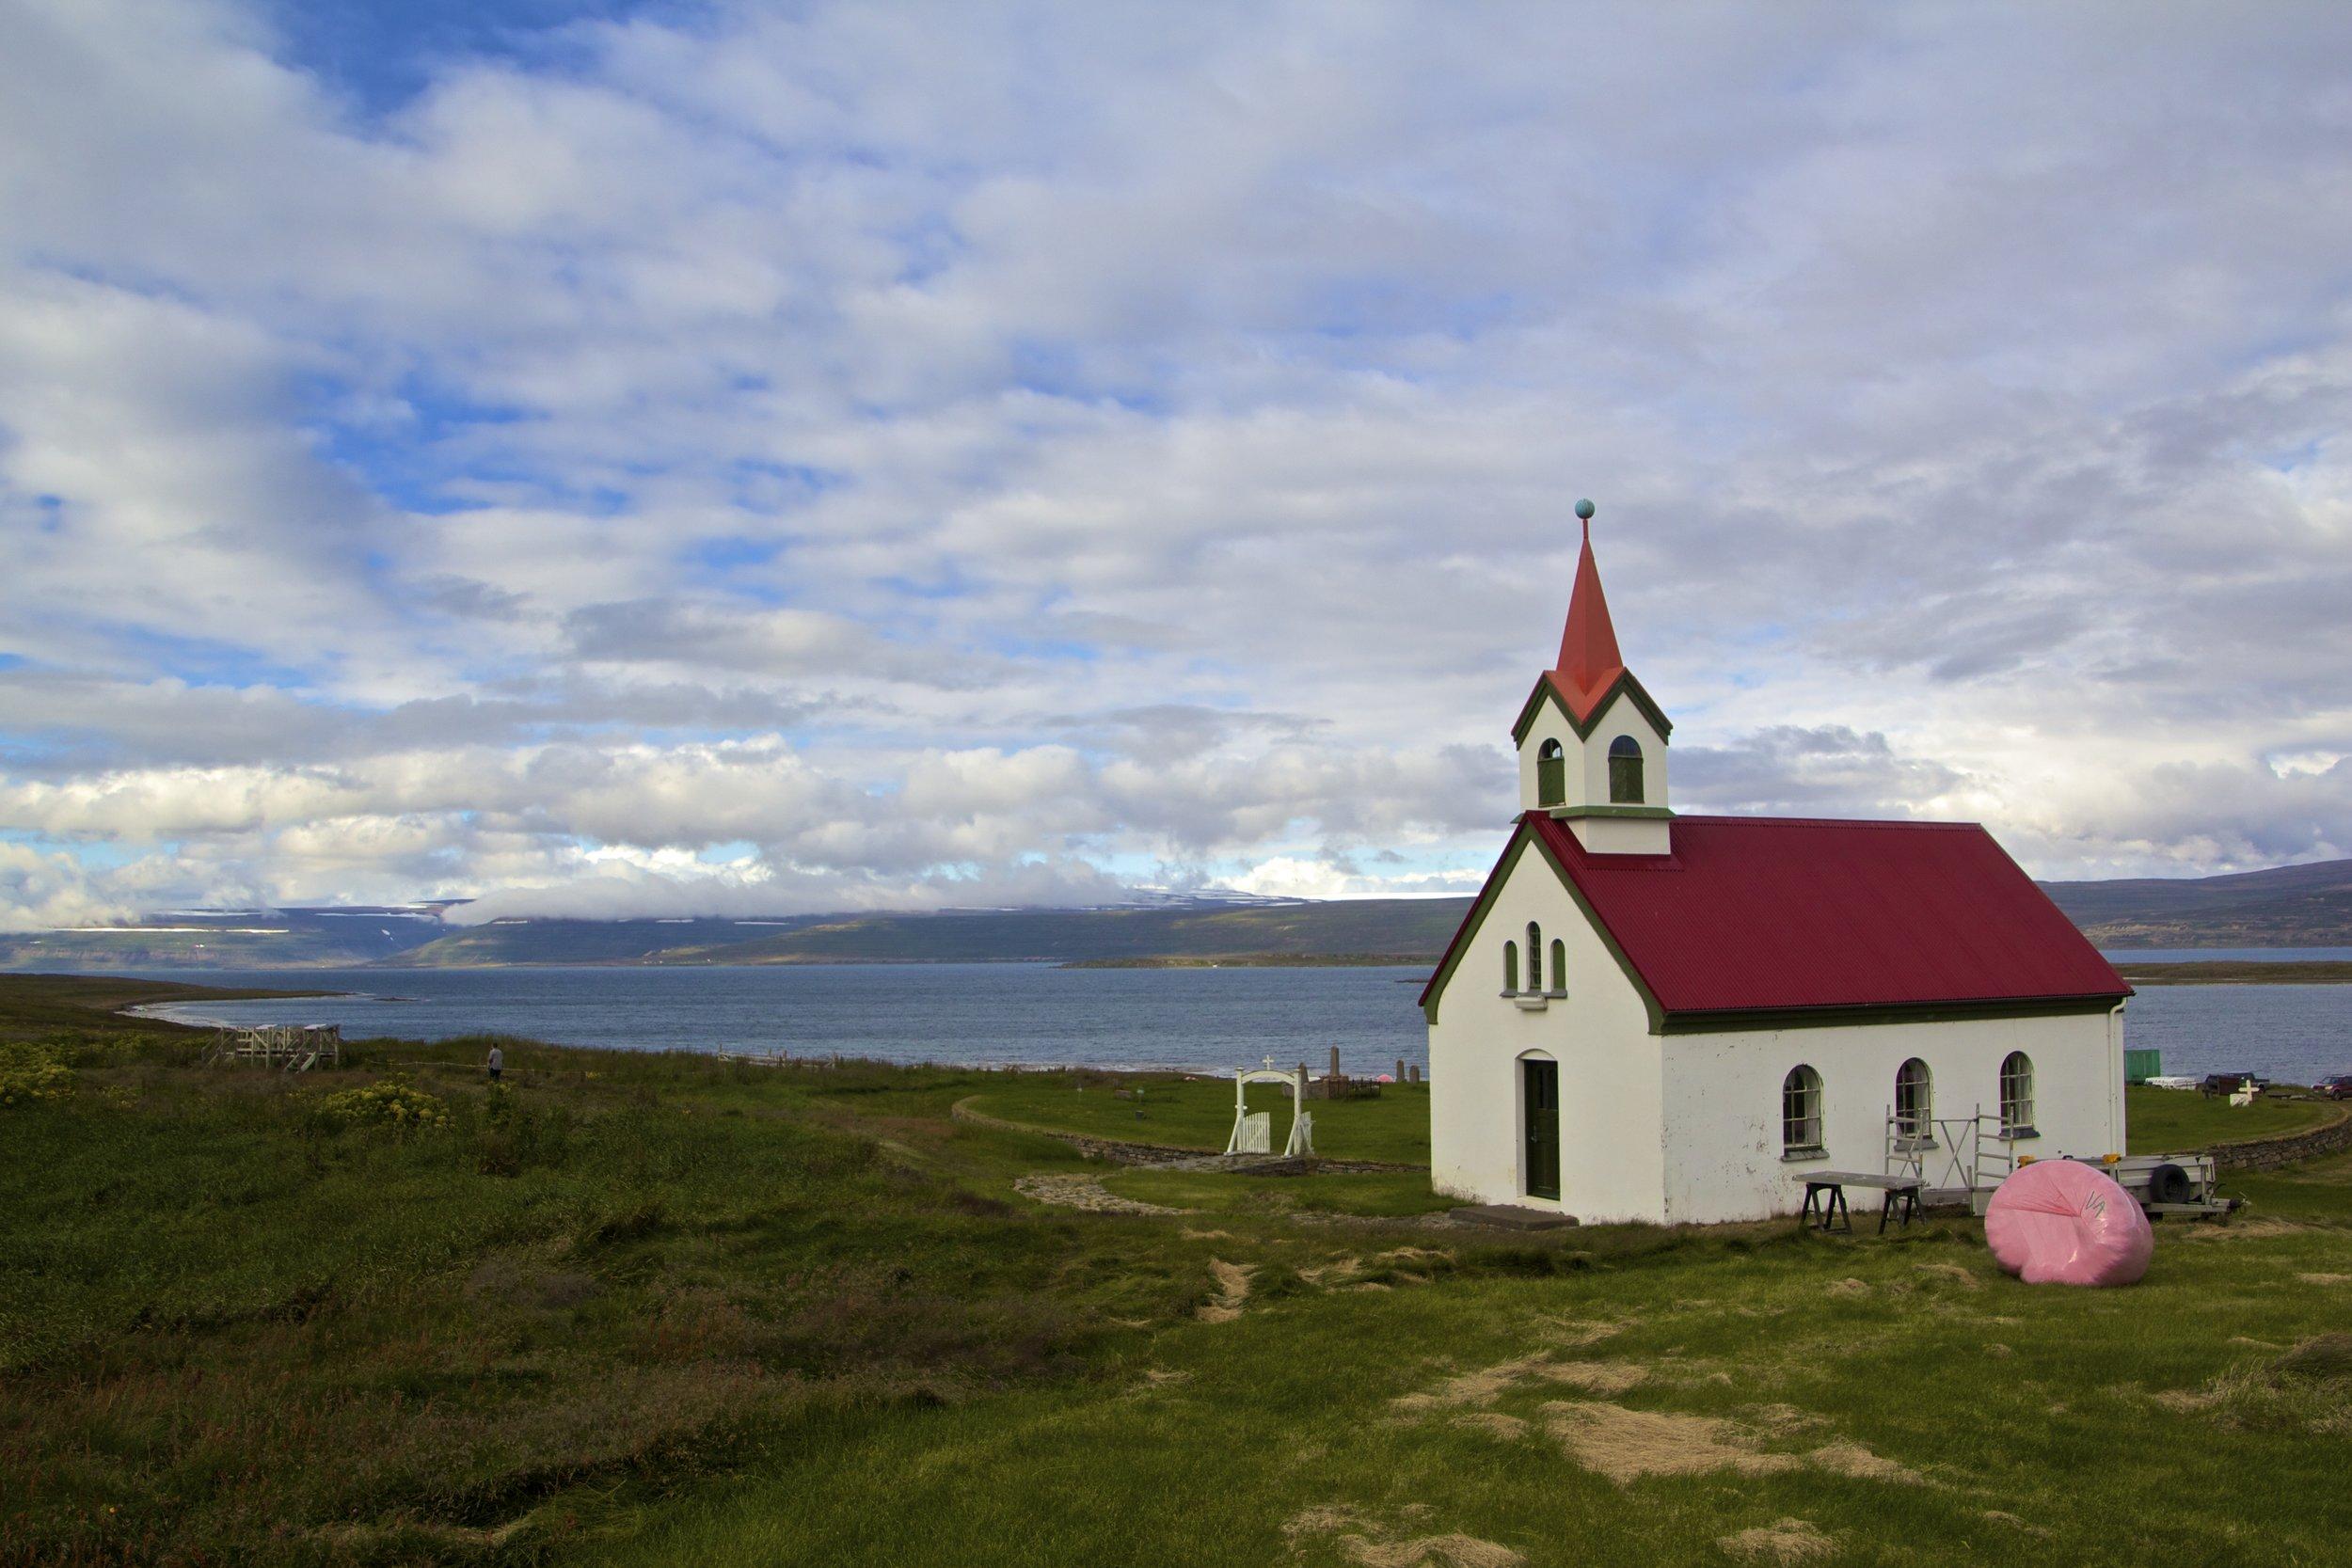 Vatnsfjorourkirkja West Fjords Churches 3.jpg